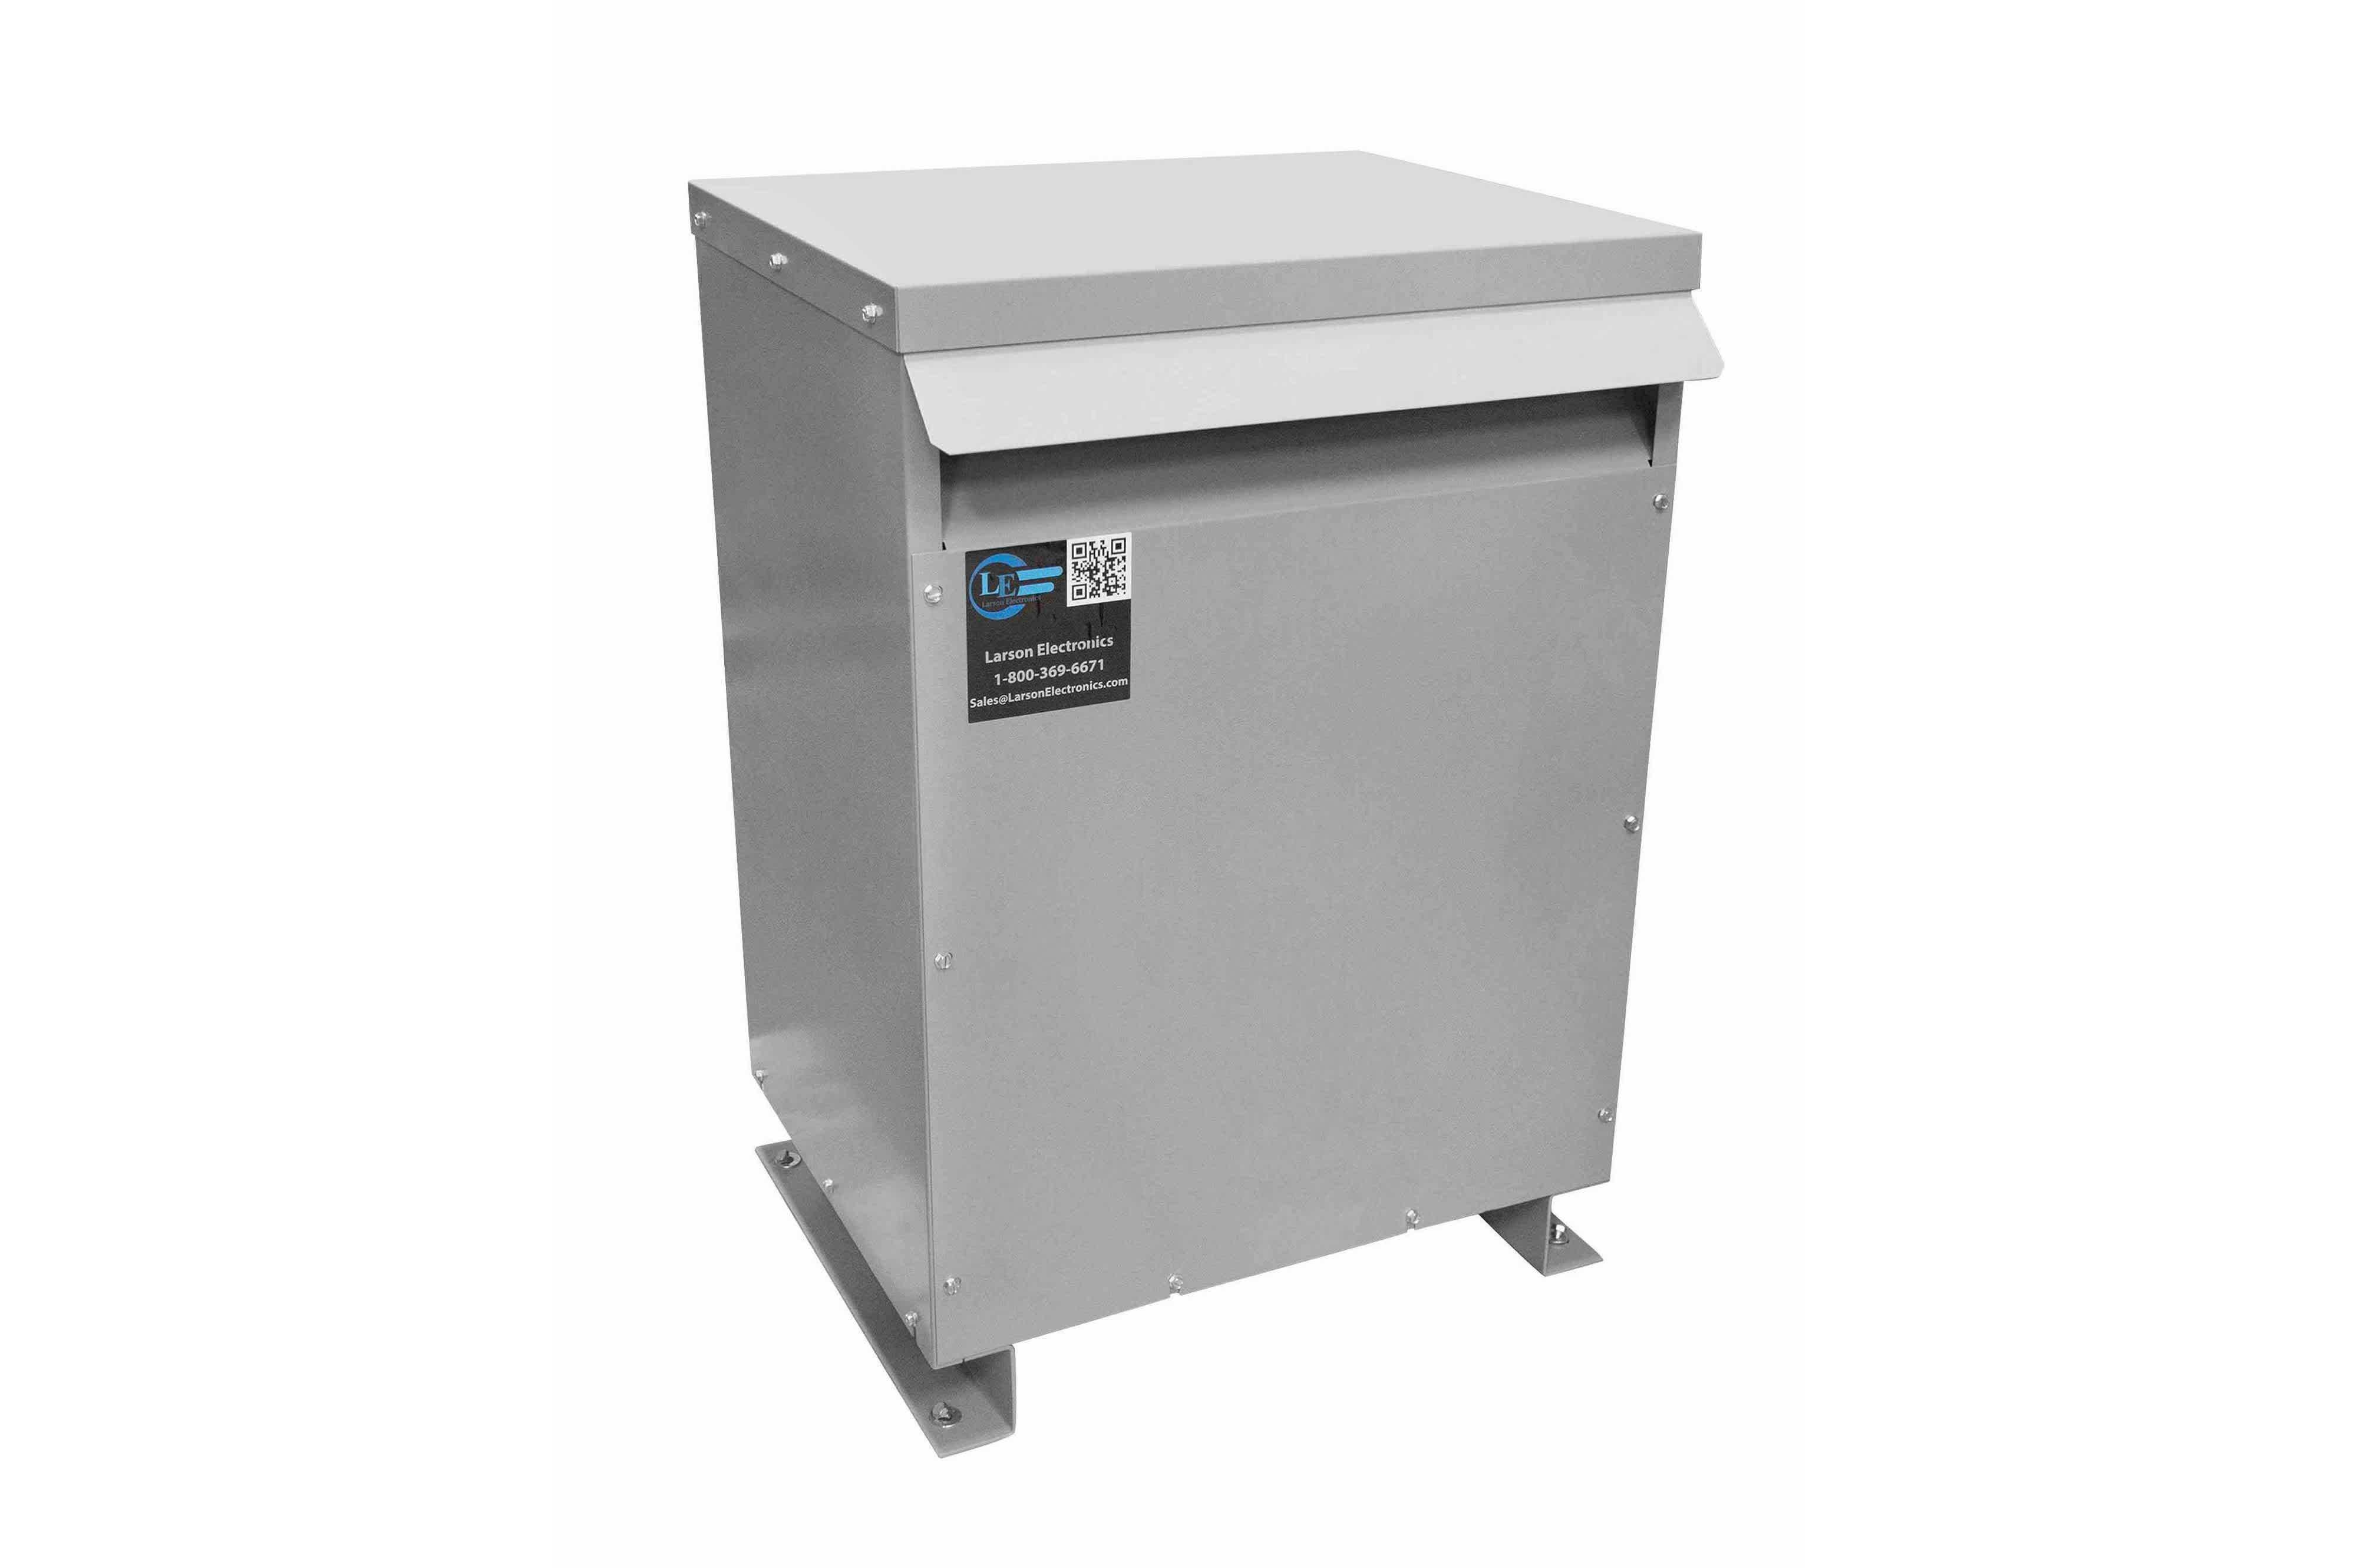 20 kVA 3PH Isolation Transformer, 460V Delta Primary, 380V Delta Secondary, N3R, Ventilated, 60 Hz